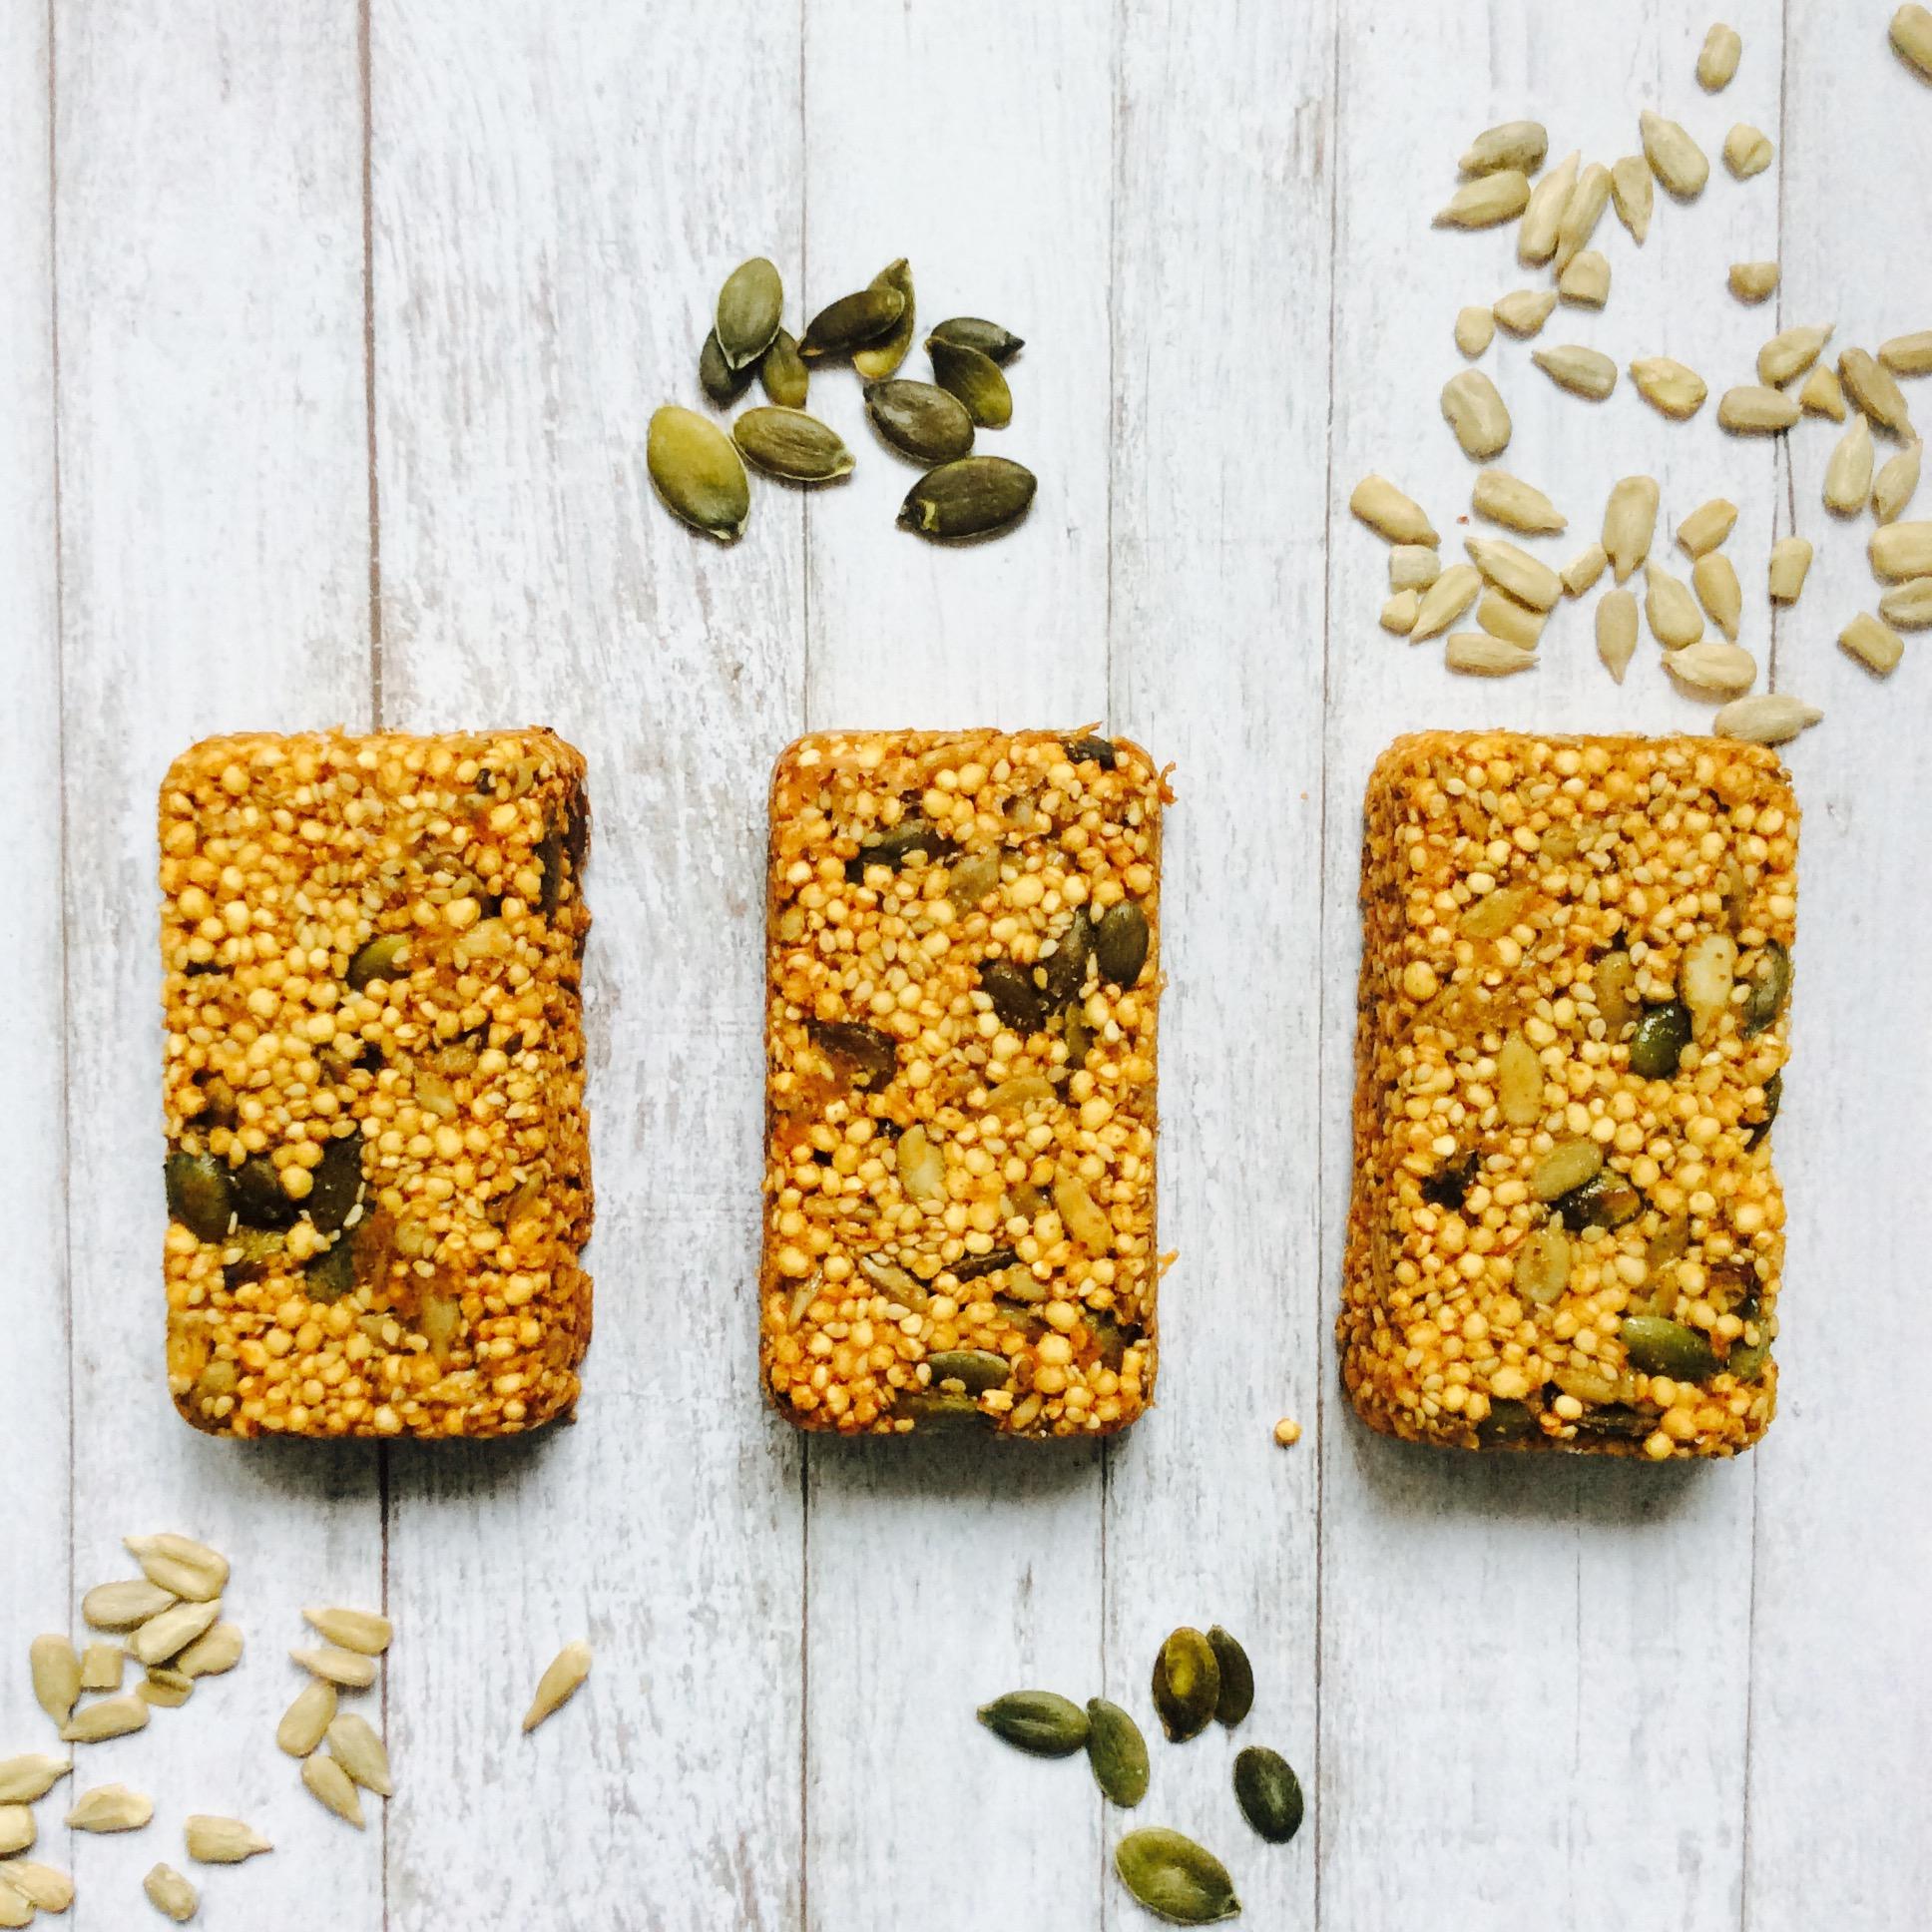 receta-barritas-quinoa-y-semillas-ido-1